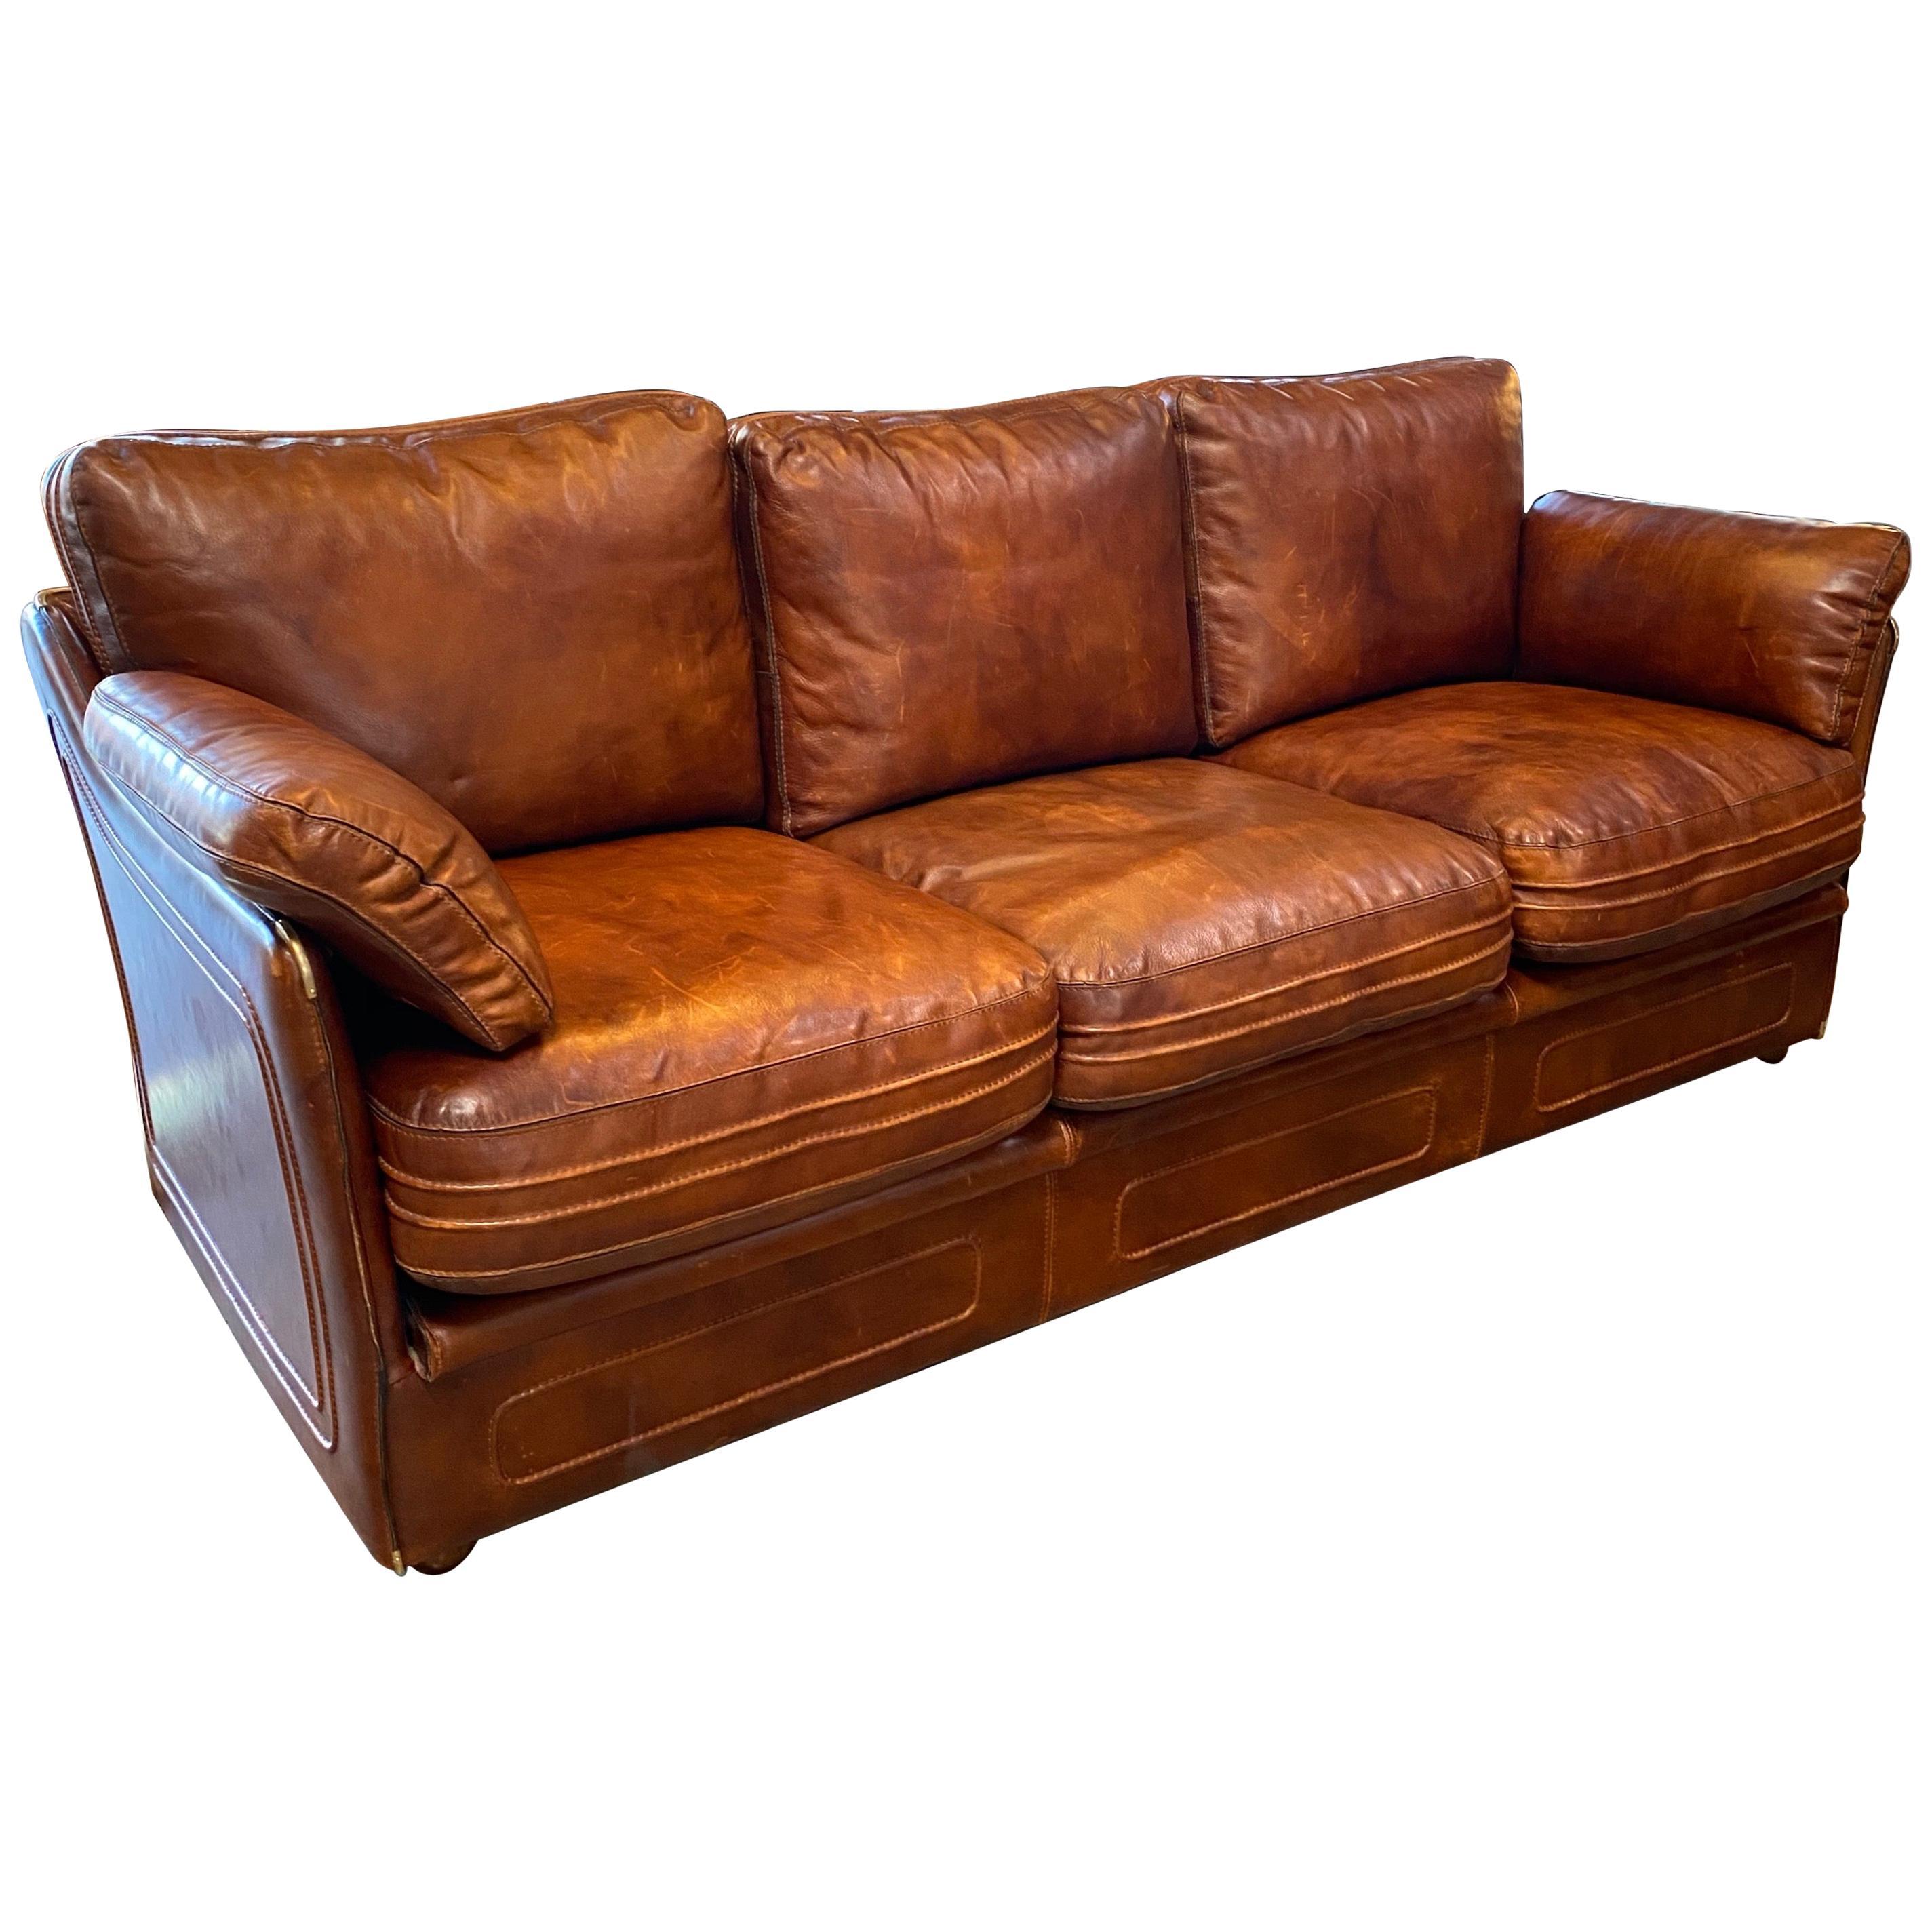 Mid-Century Modern Italian Leather Sofa, 1960s